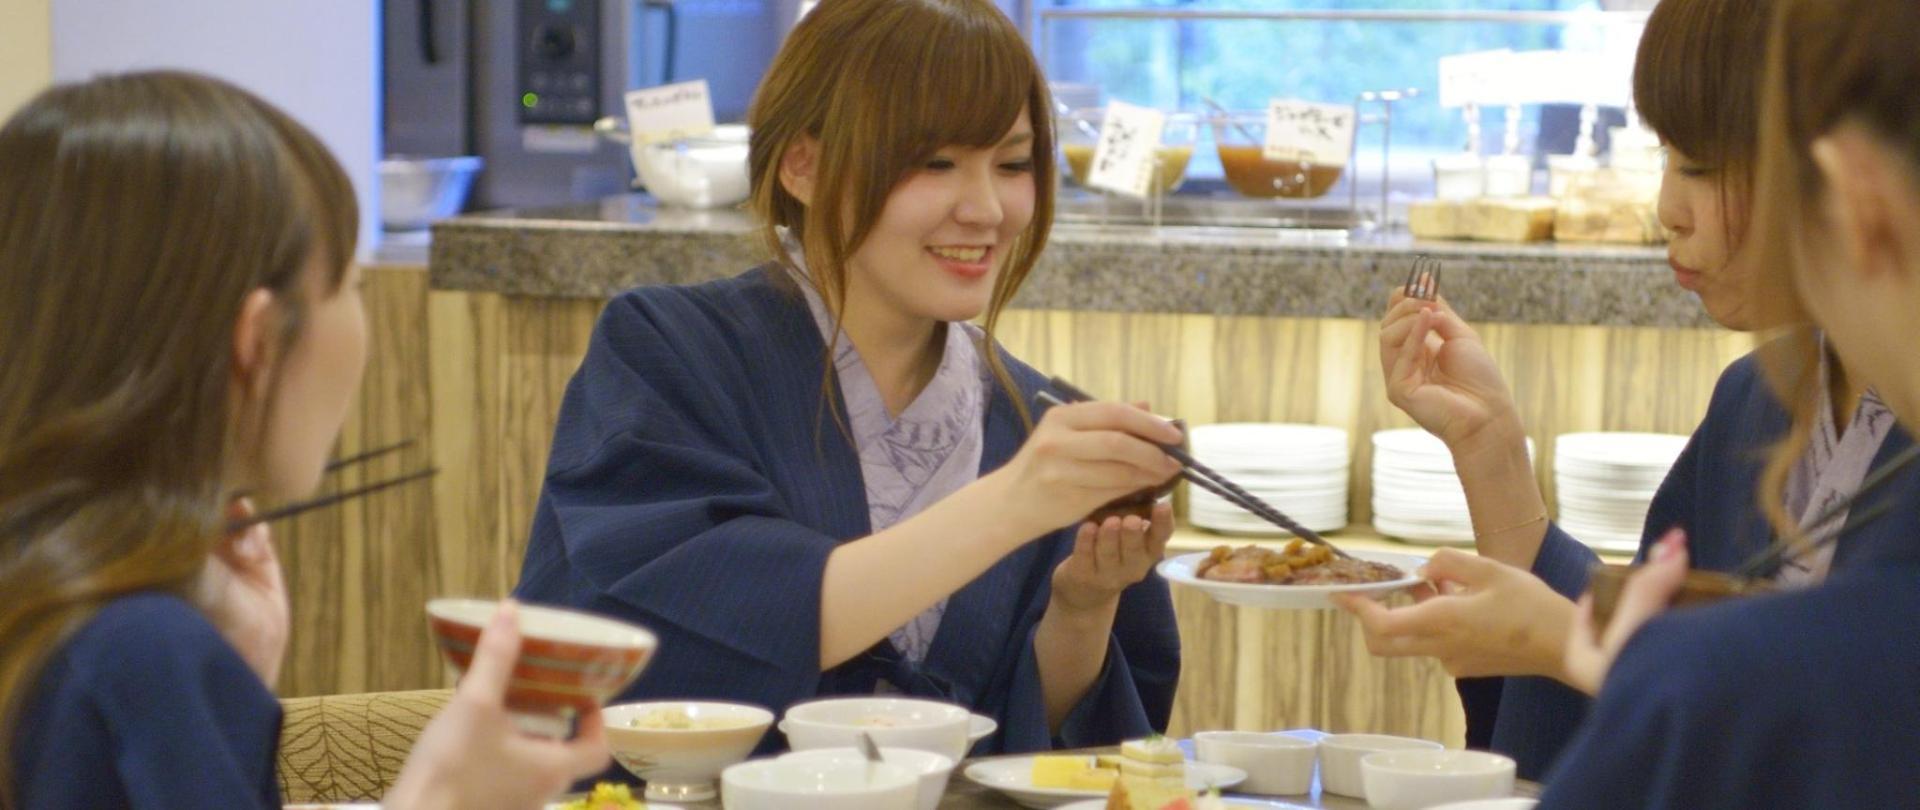 【レストラン】ディナー食事イメージ1920×810.jpg